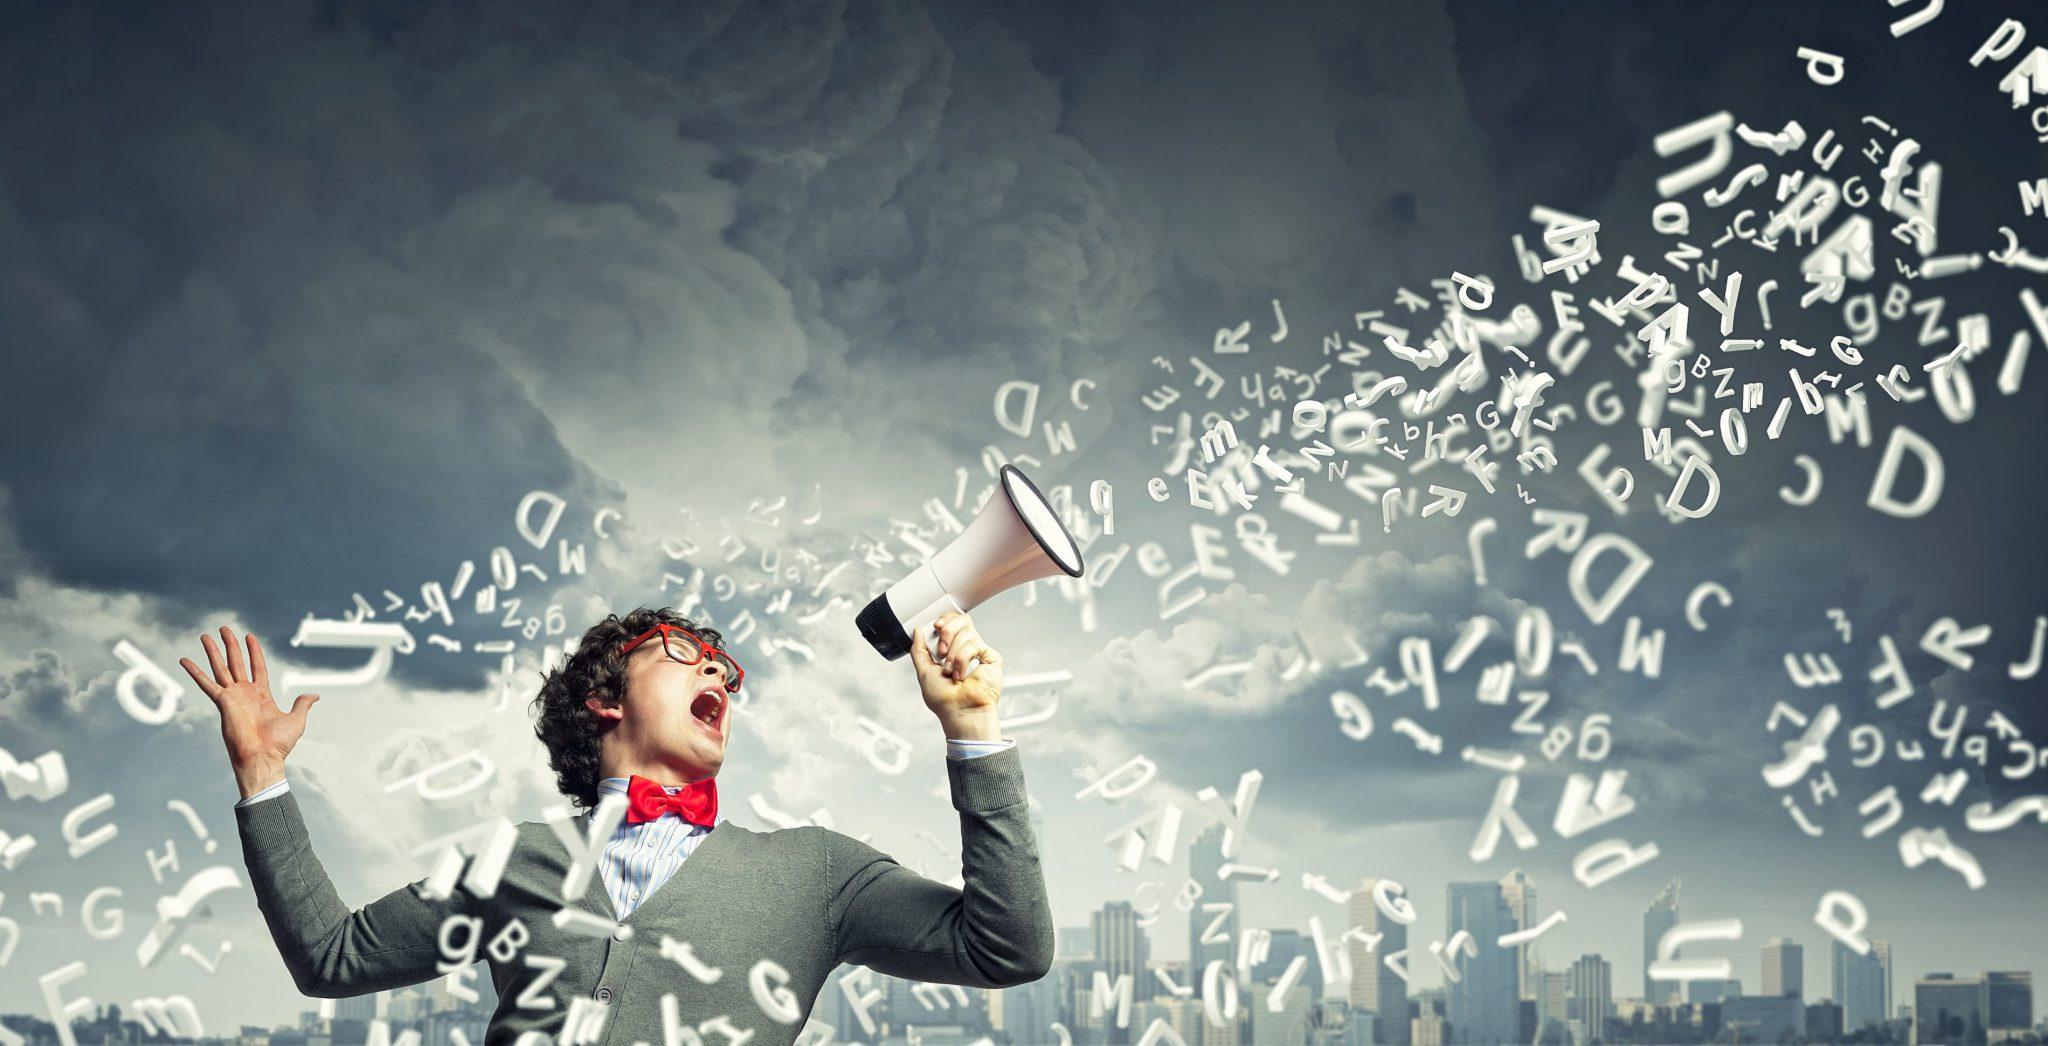 Вебинар «Блестящий оратор» Даты: 17, 20, 24, 27 ноября